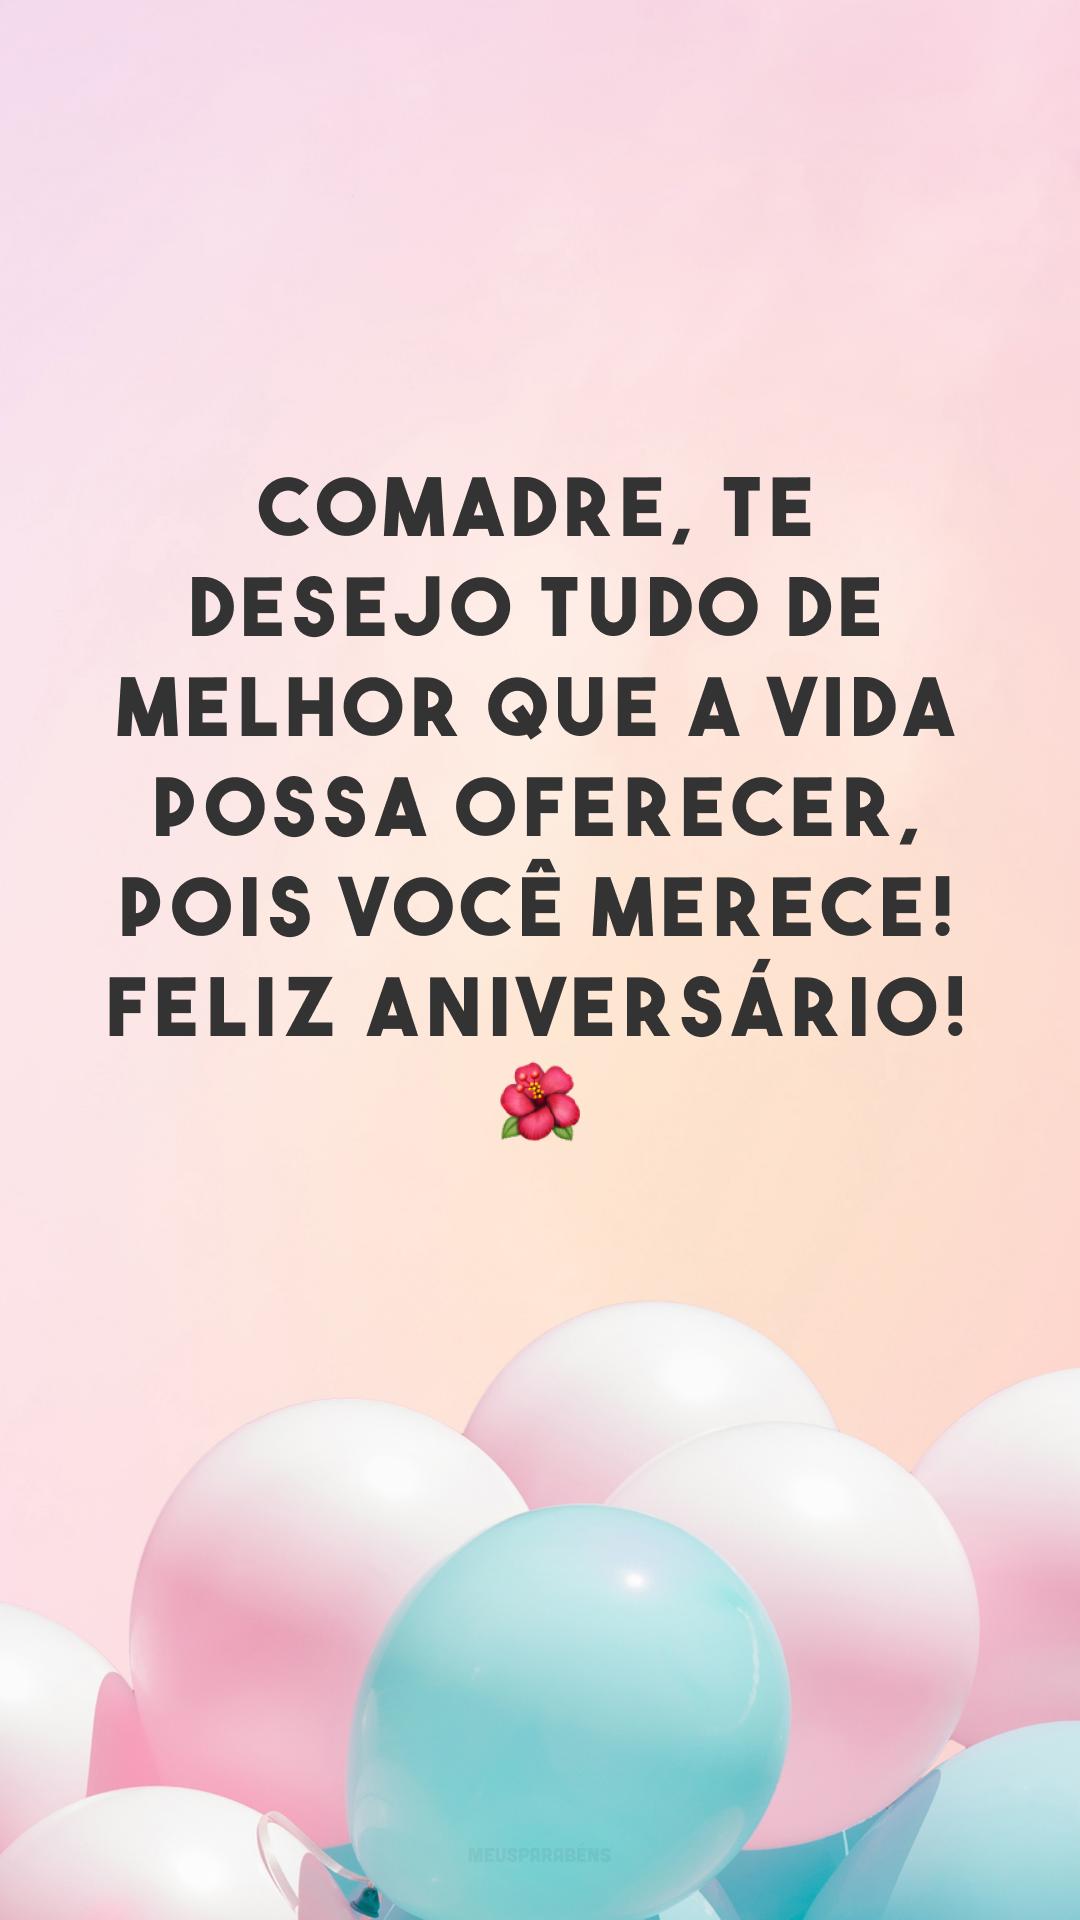 Comadre, te desejo tudo de melhor que a vida possa oferecer, pois você merece! Feliz aniversário! ?